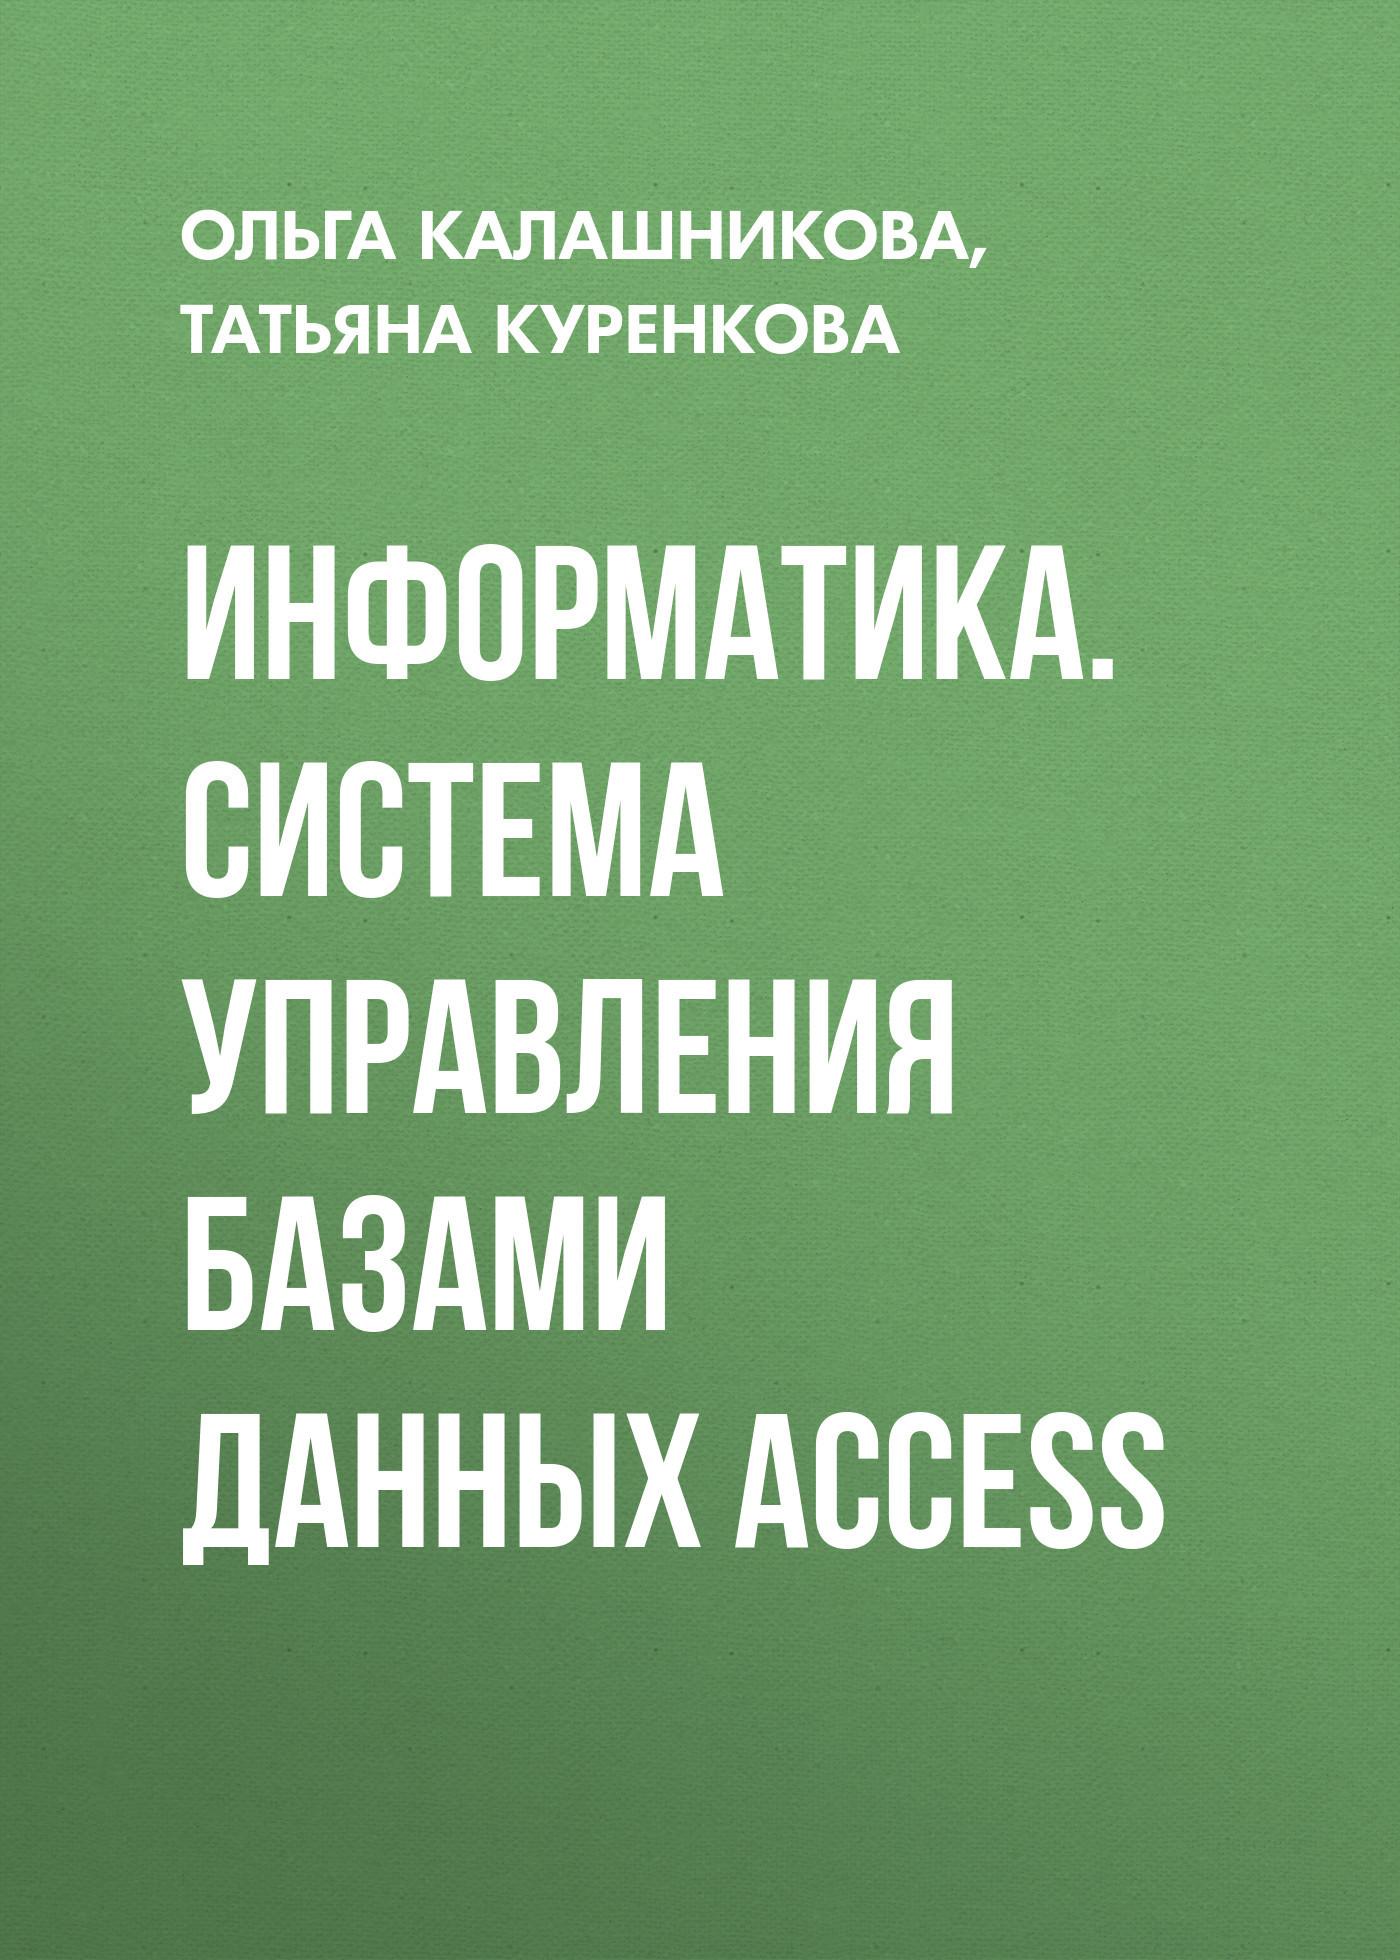 Ольга Калашникова Информатика. Система управления базами данных Access информатика учебное пособие